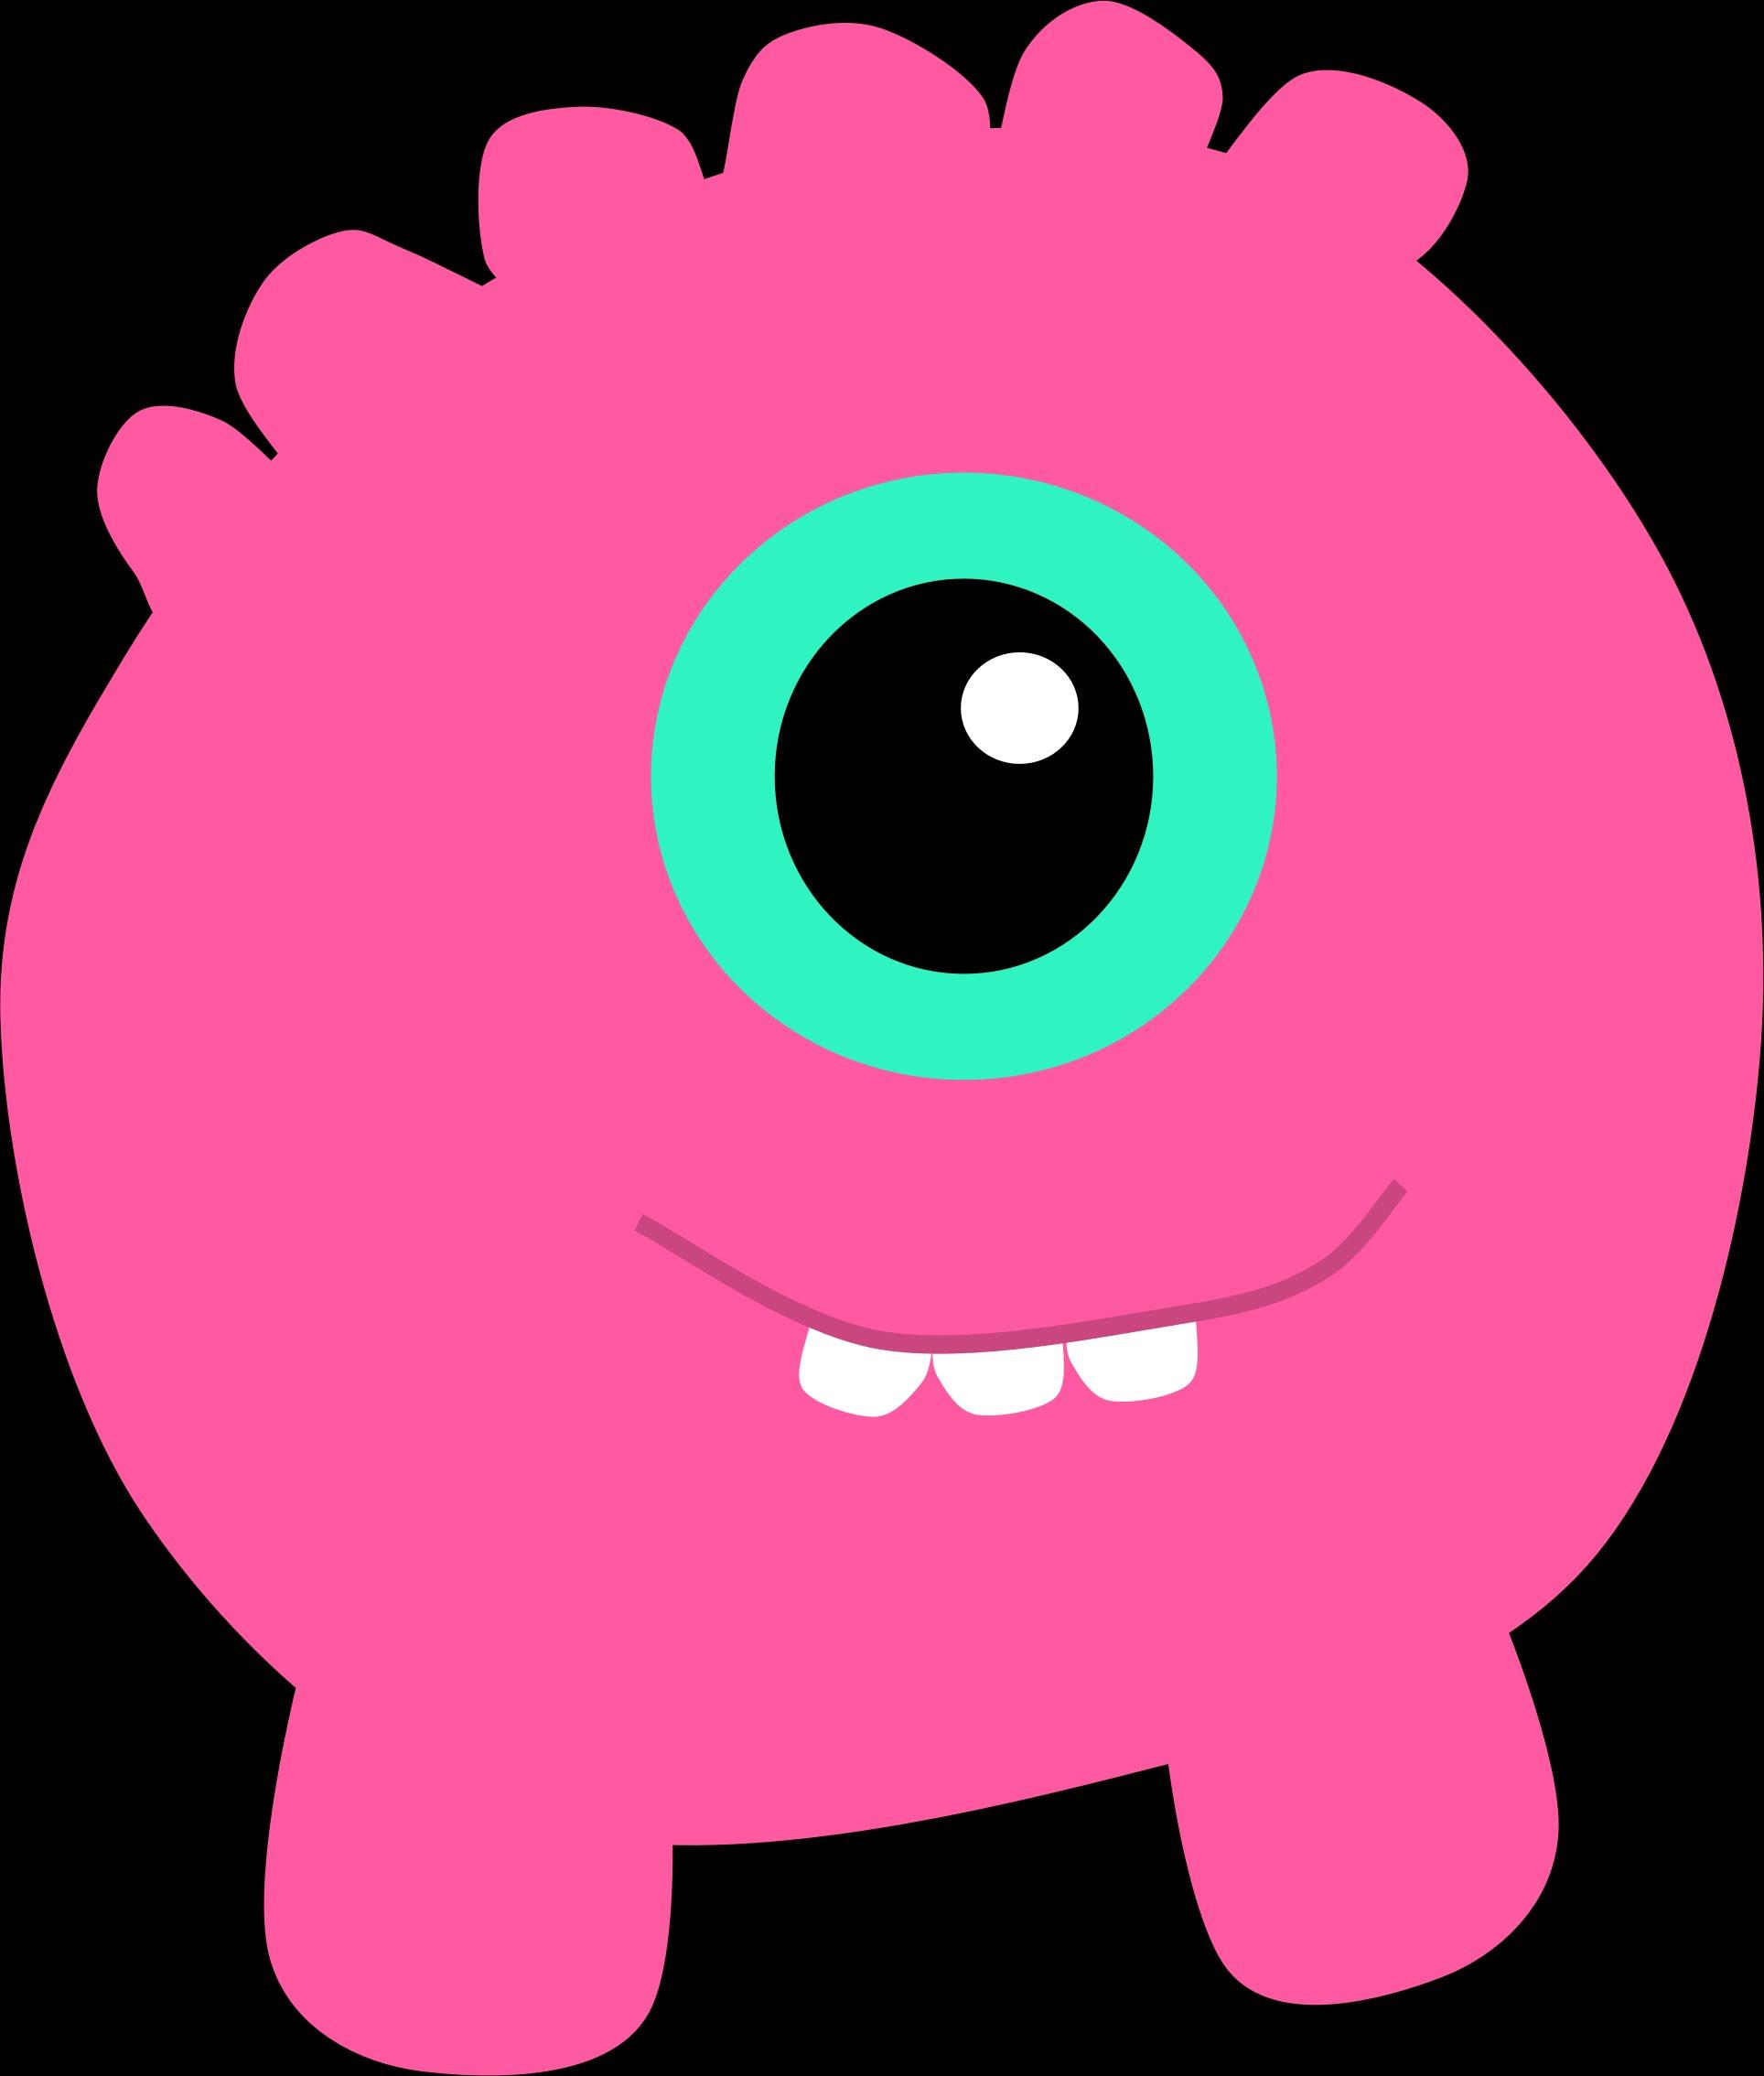 Pink Eyes clipart monster head 2 Monster Monster/Birmingham Monster/Tall